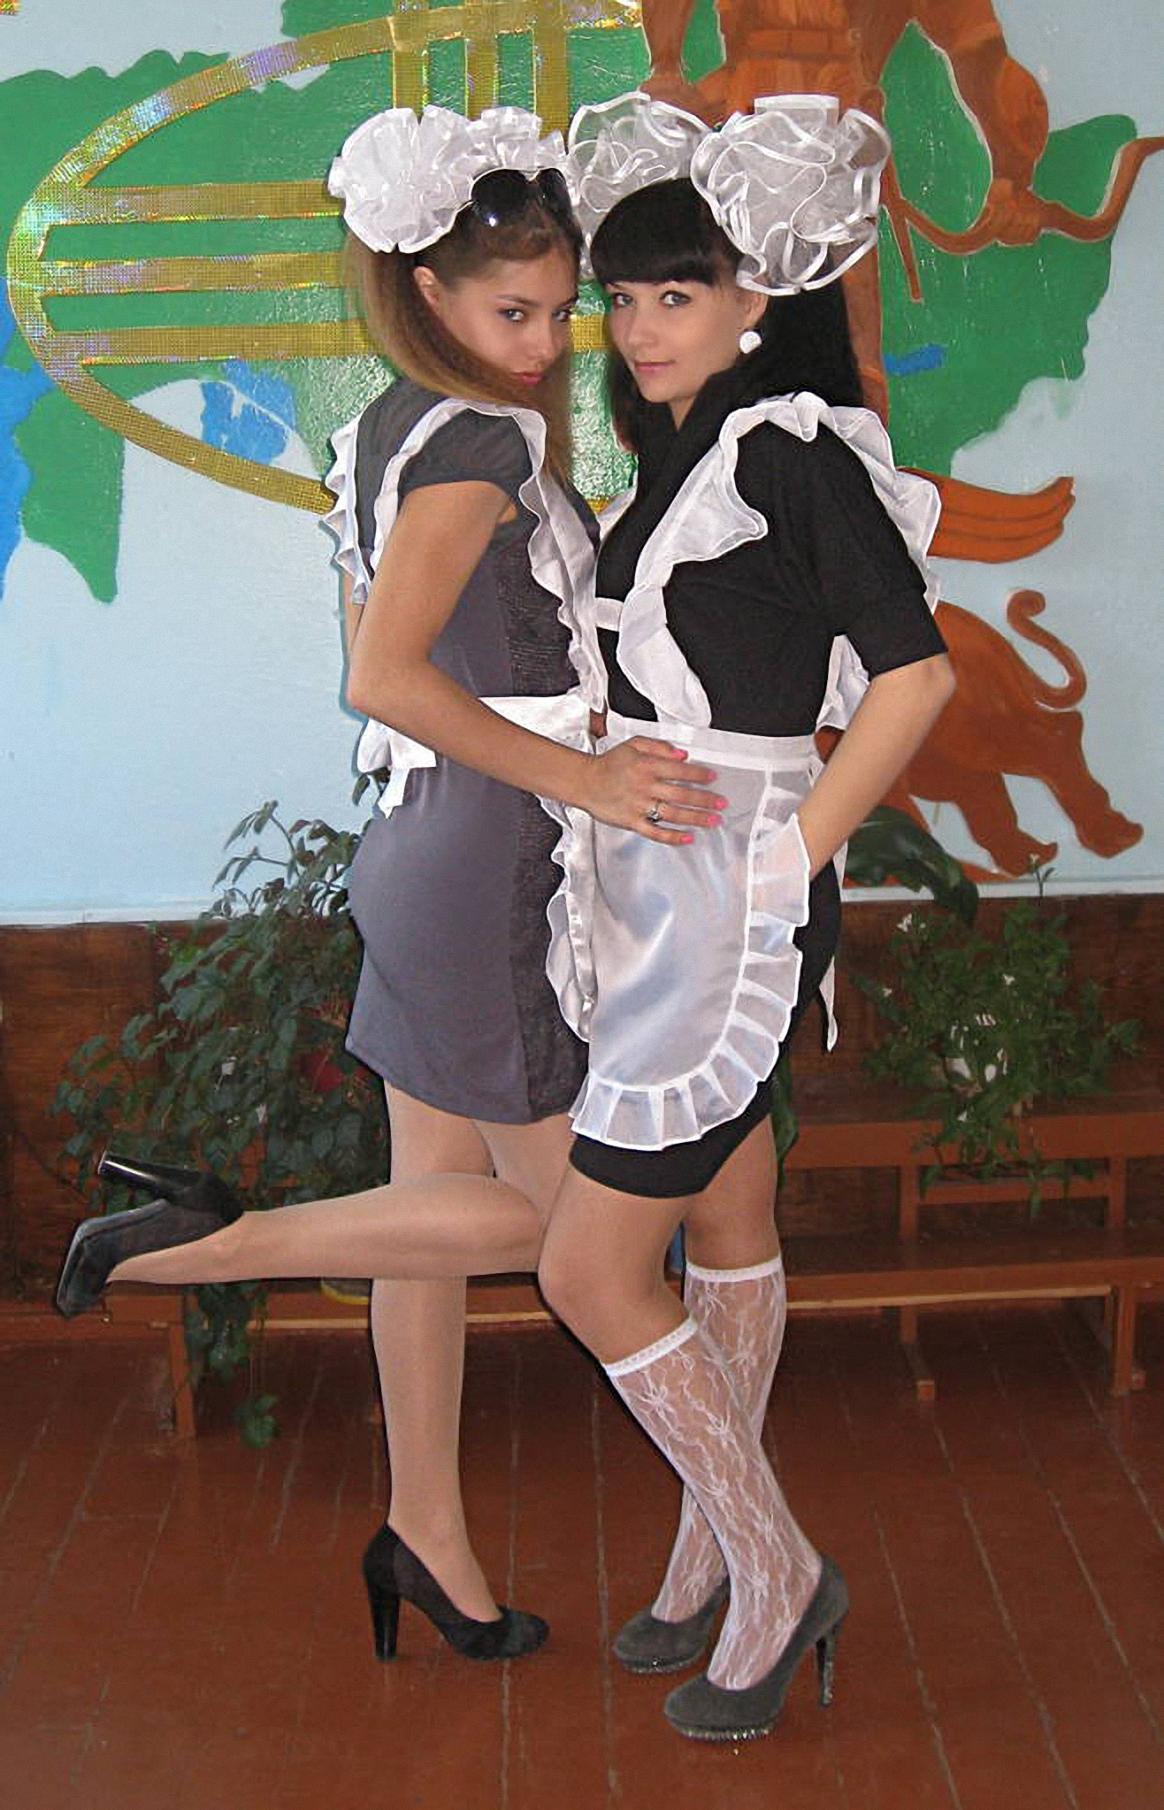 卒業式でメイド姿になるロシアの女学生がくっそエ口すぎるんだがwwwww(勃起確定)・25枚目